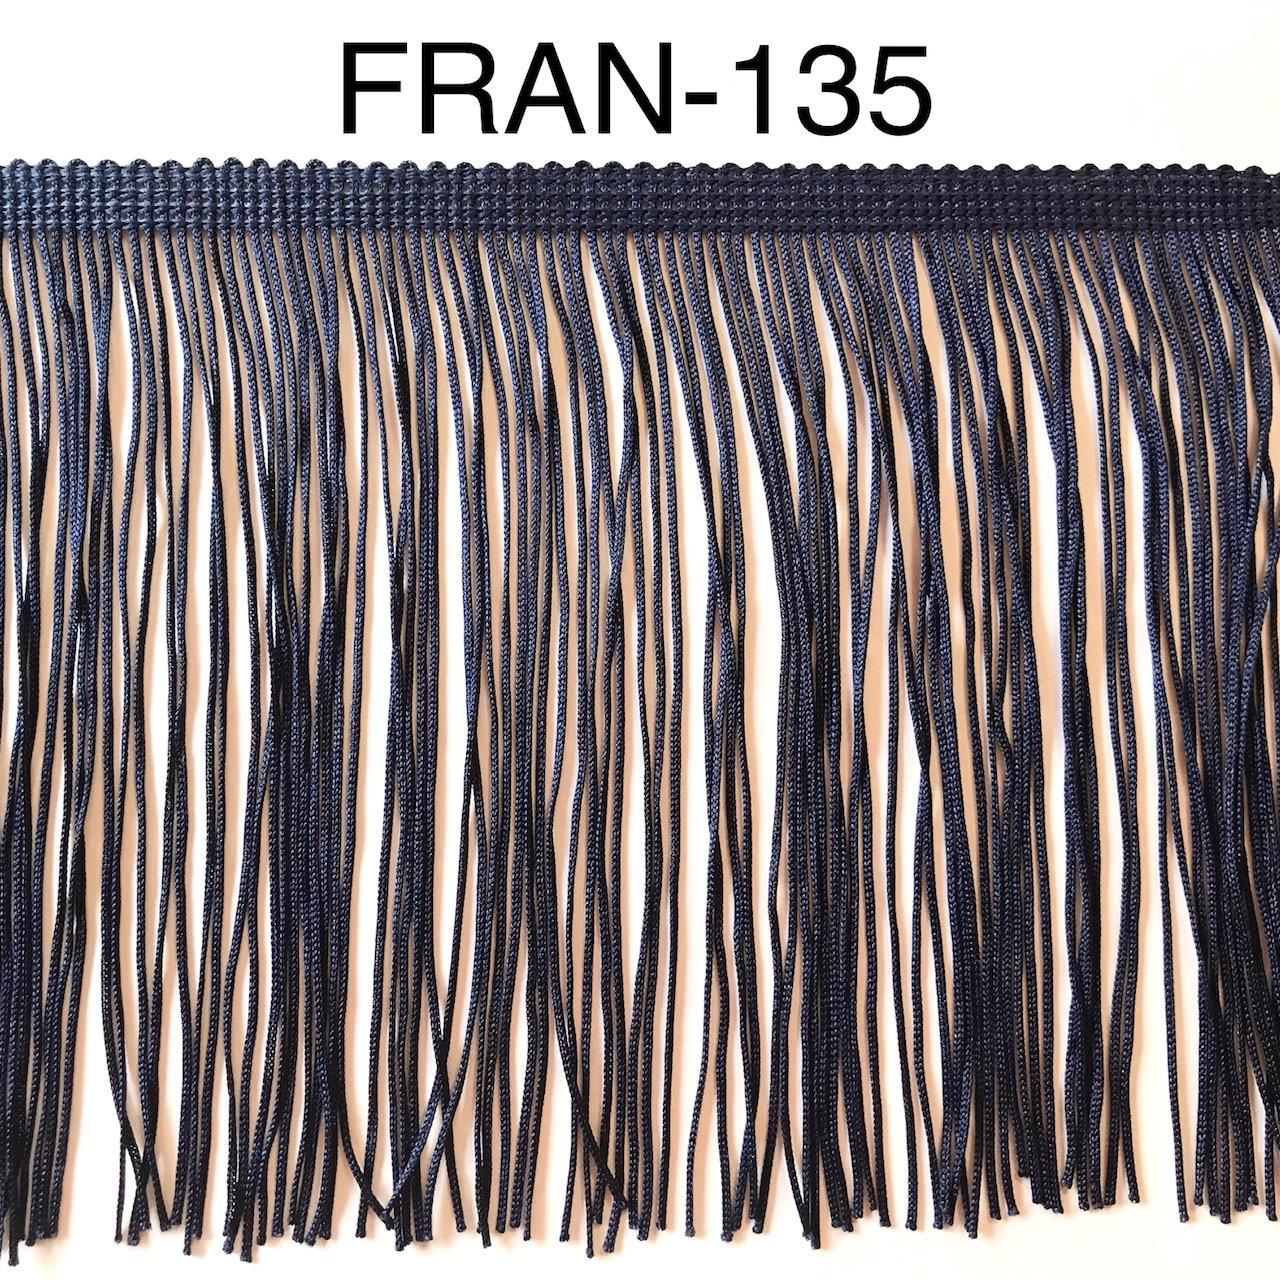 Franges a coudre 15cm 135